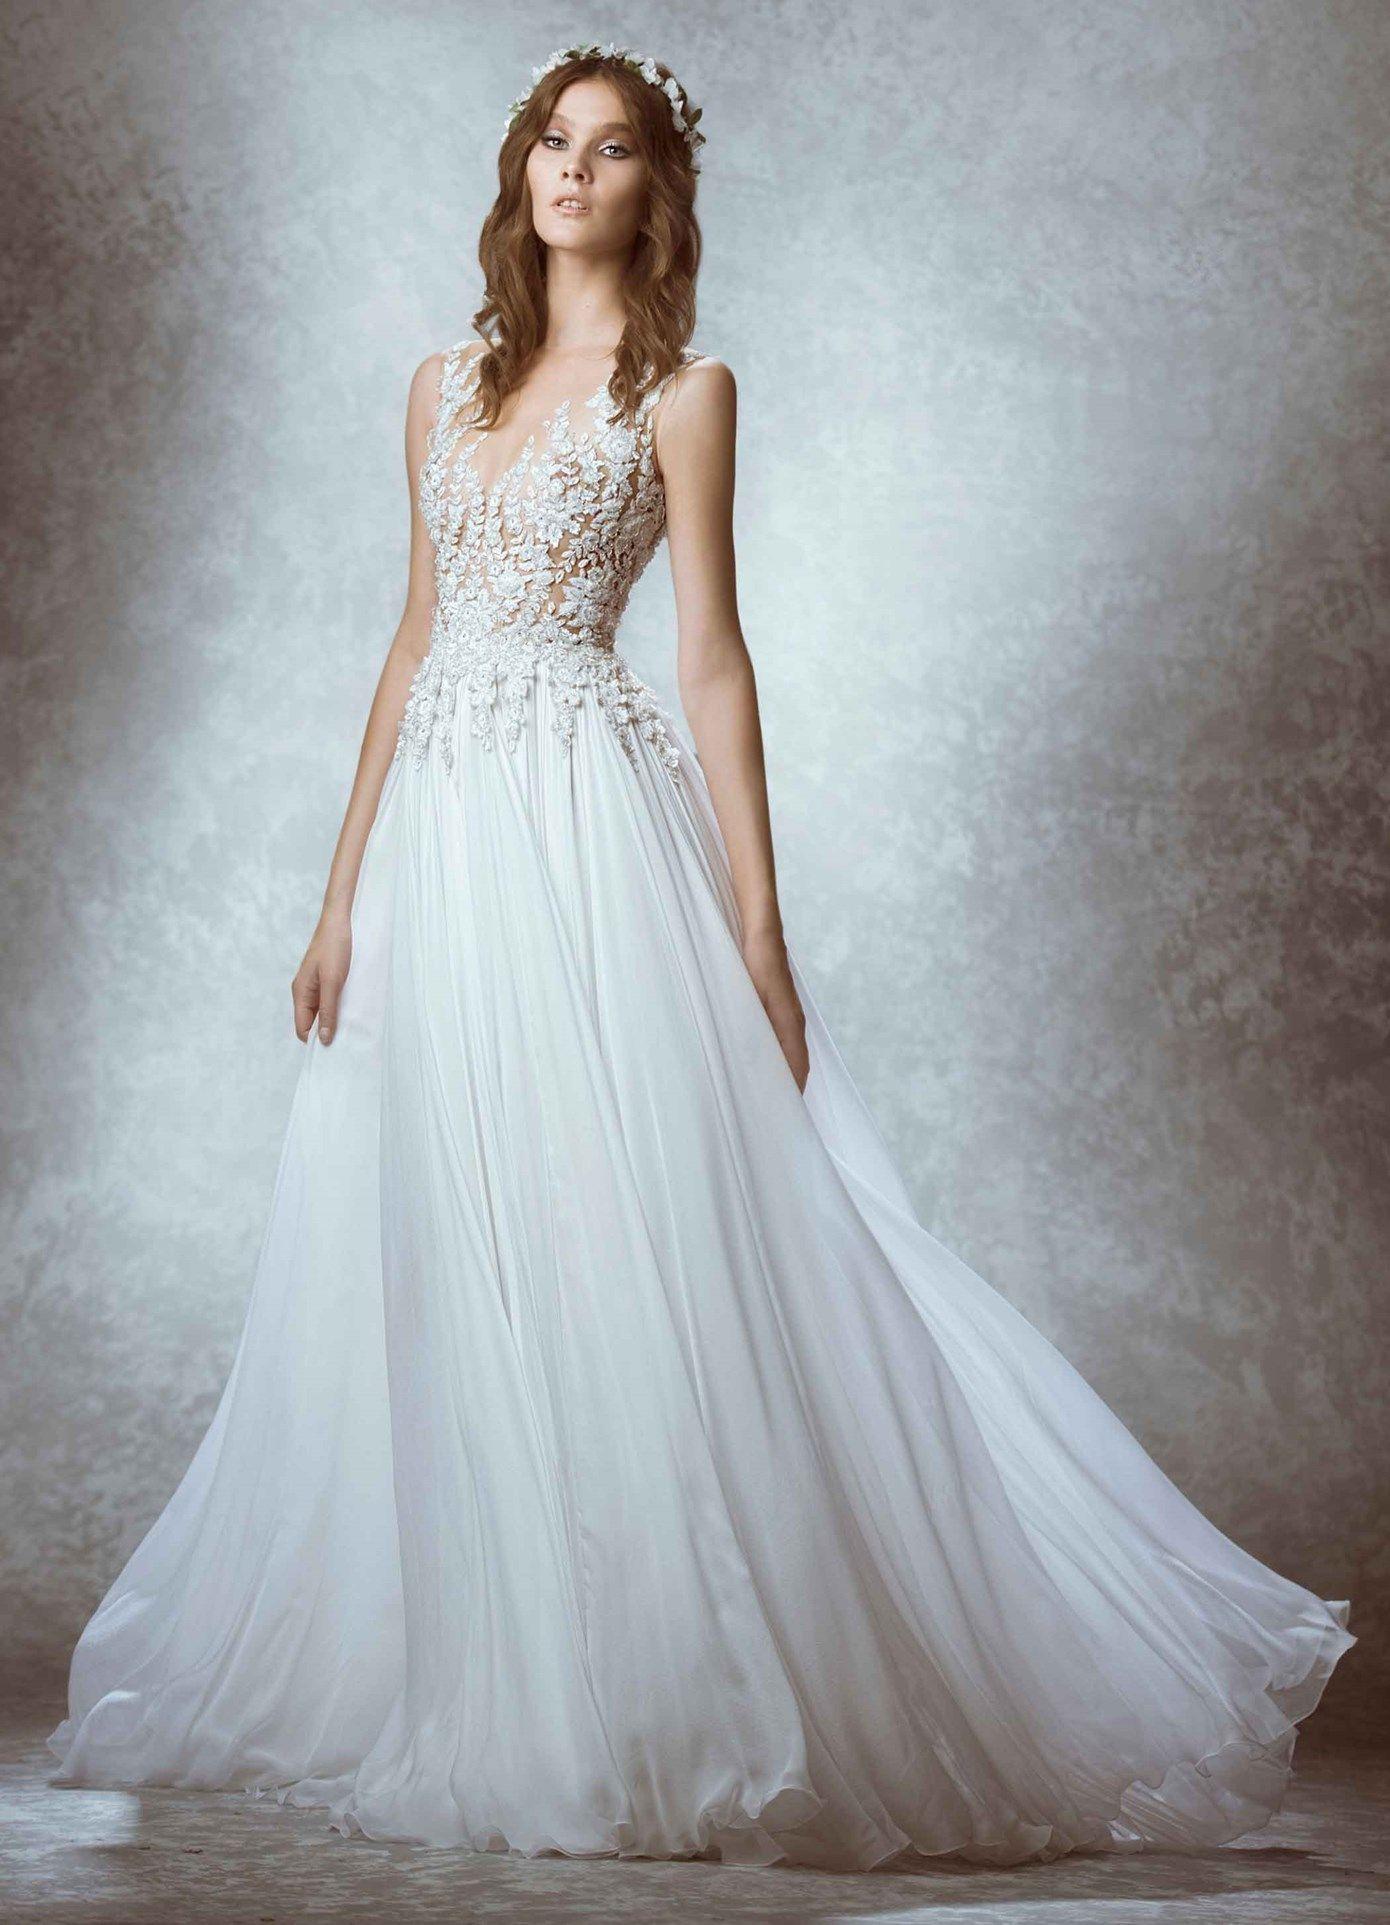 Zuhair Murad Manon-Front view Bridal Fall 15 | Wedding | Pinterest ...